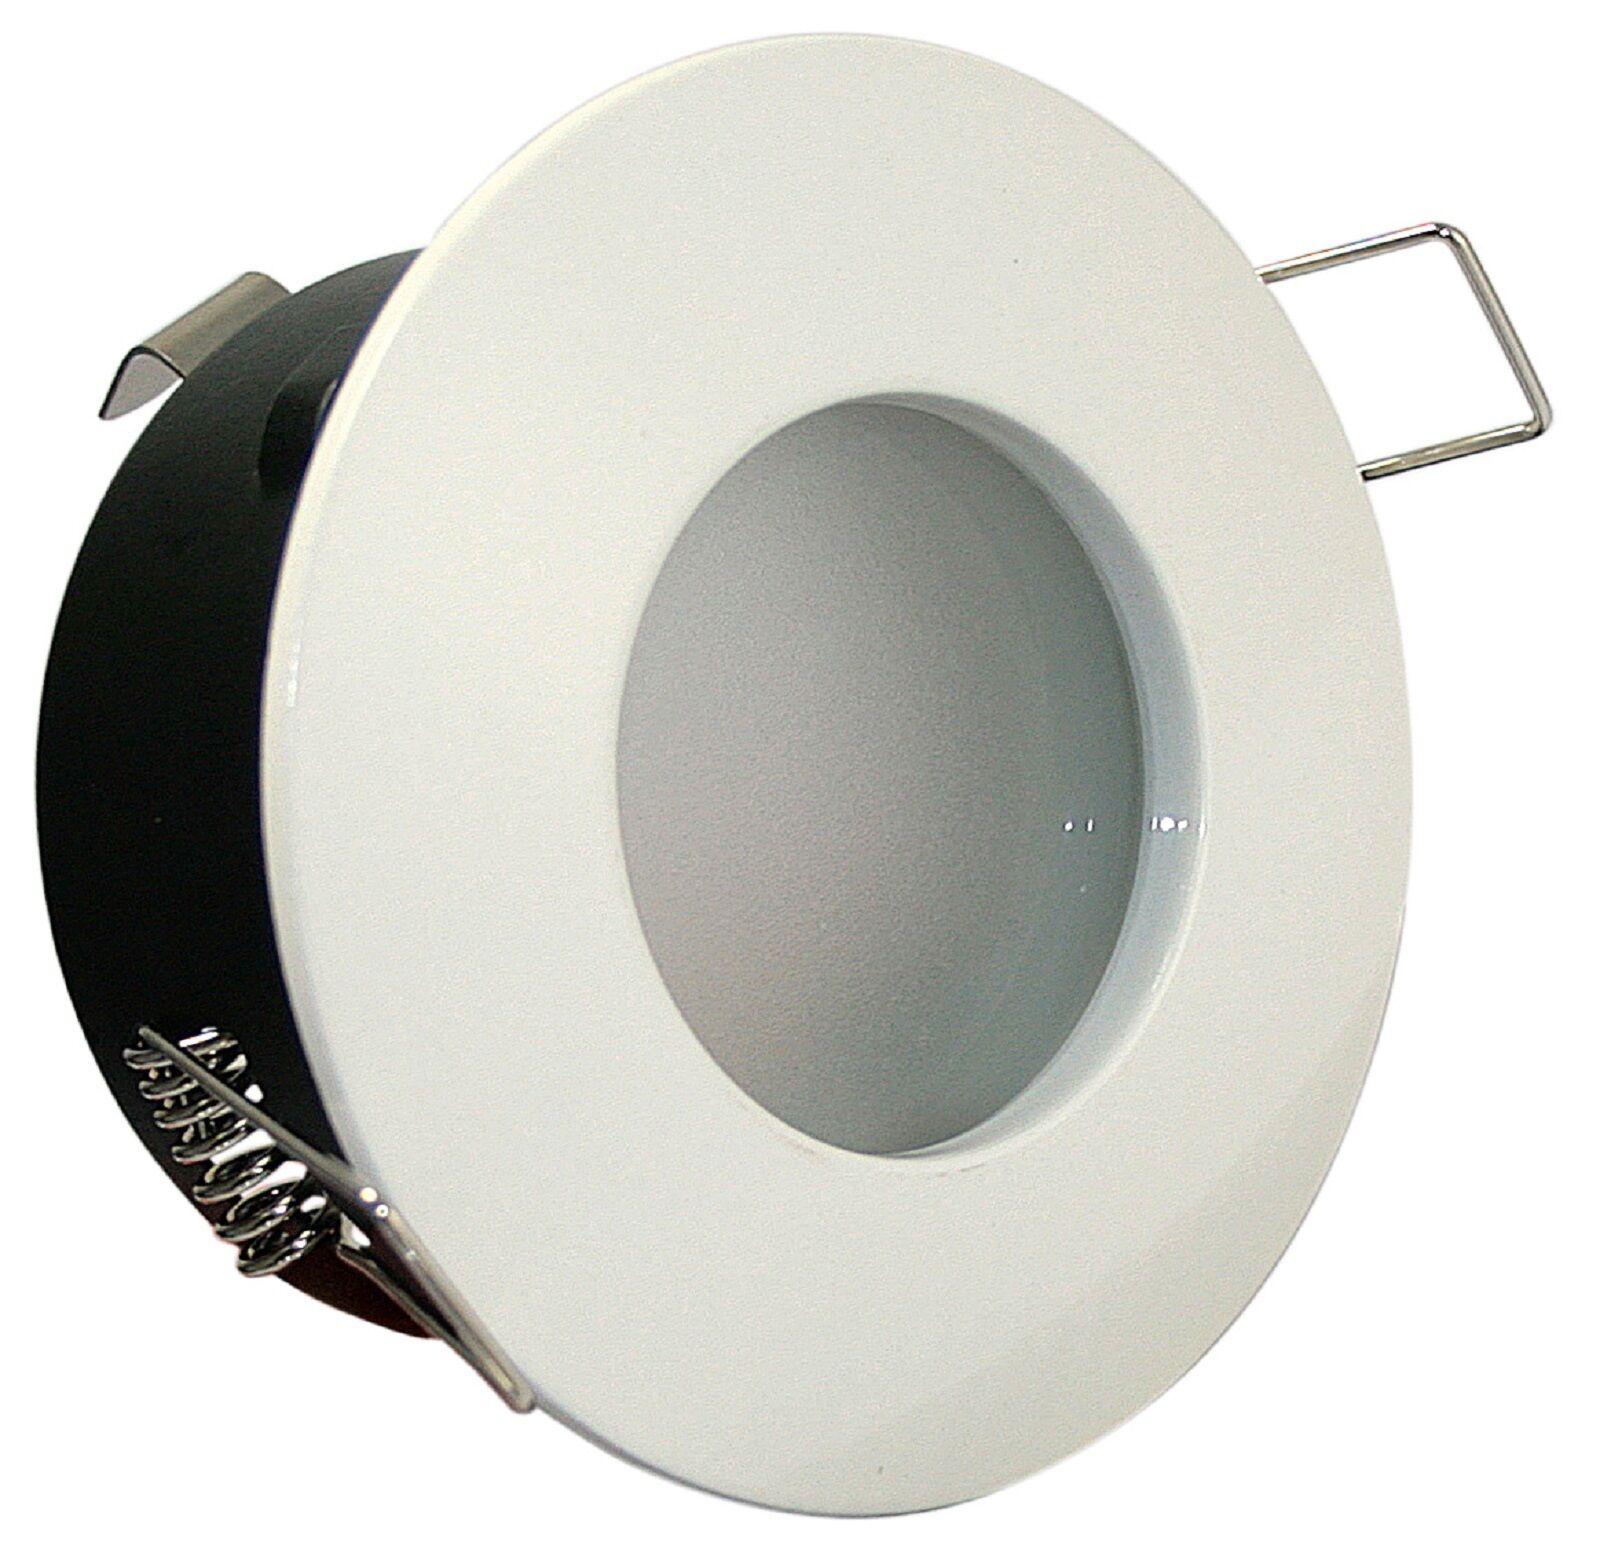 Bad + Dusche Feuchtraum 230V Einbaustrahler Aqua IP65 LED oder Halogen GU10